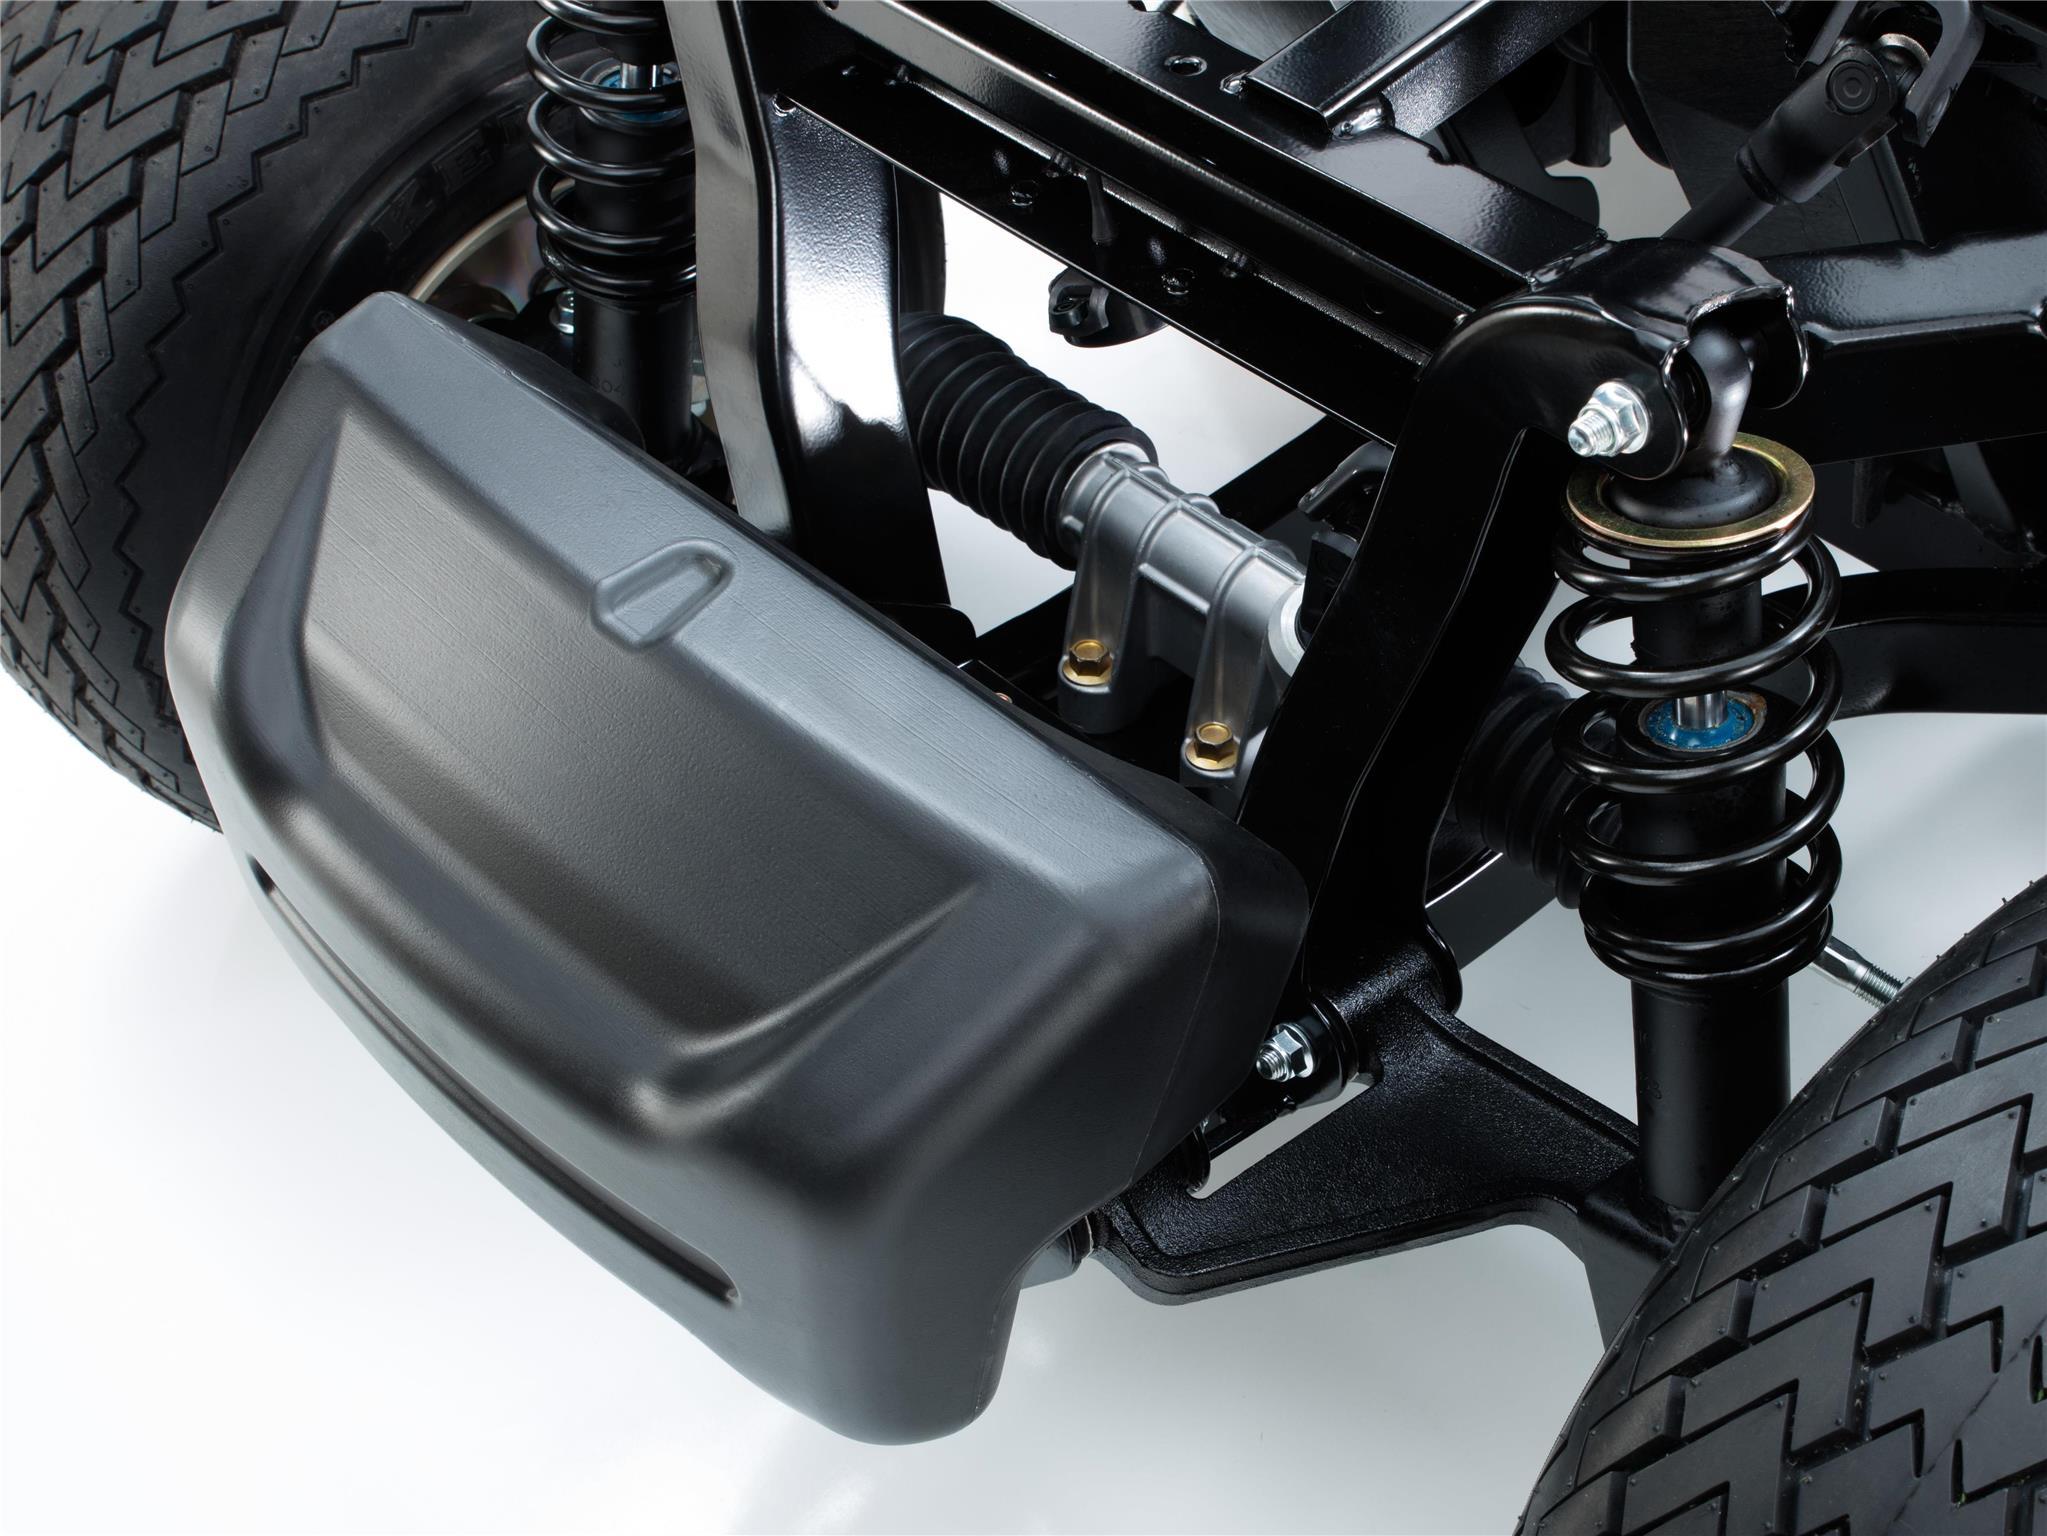 Consumer Golf Cart - FRONT SUSPENSION